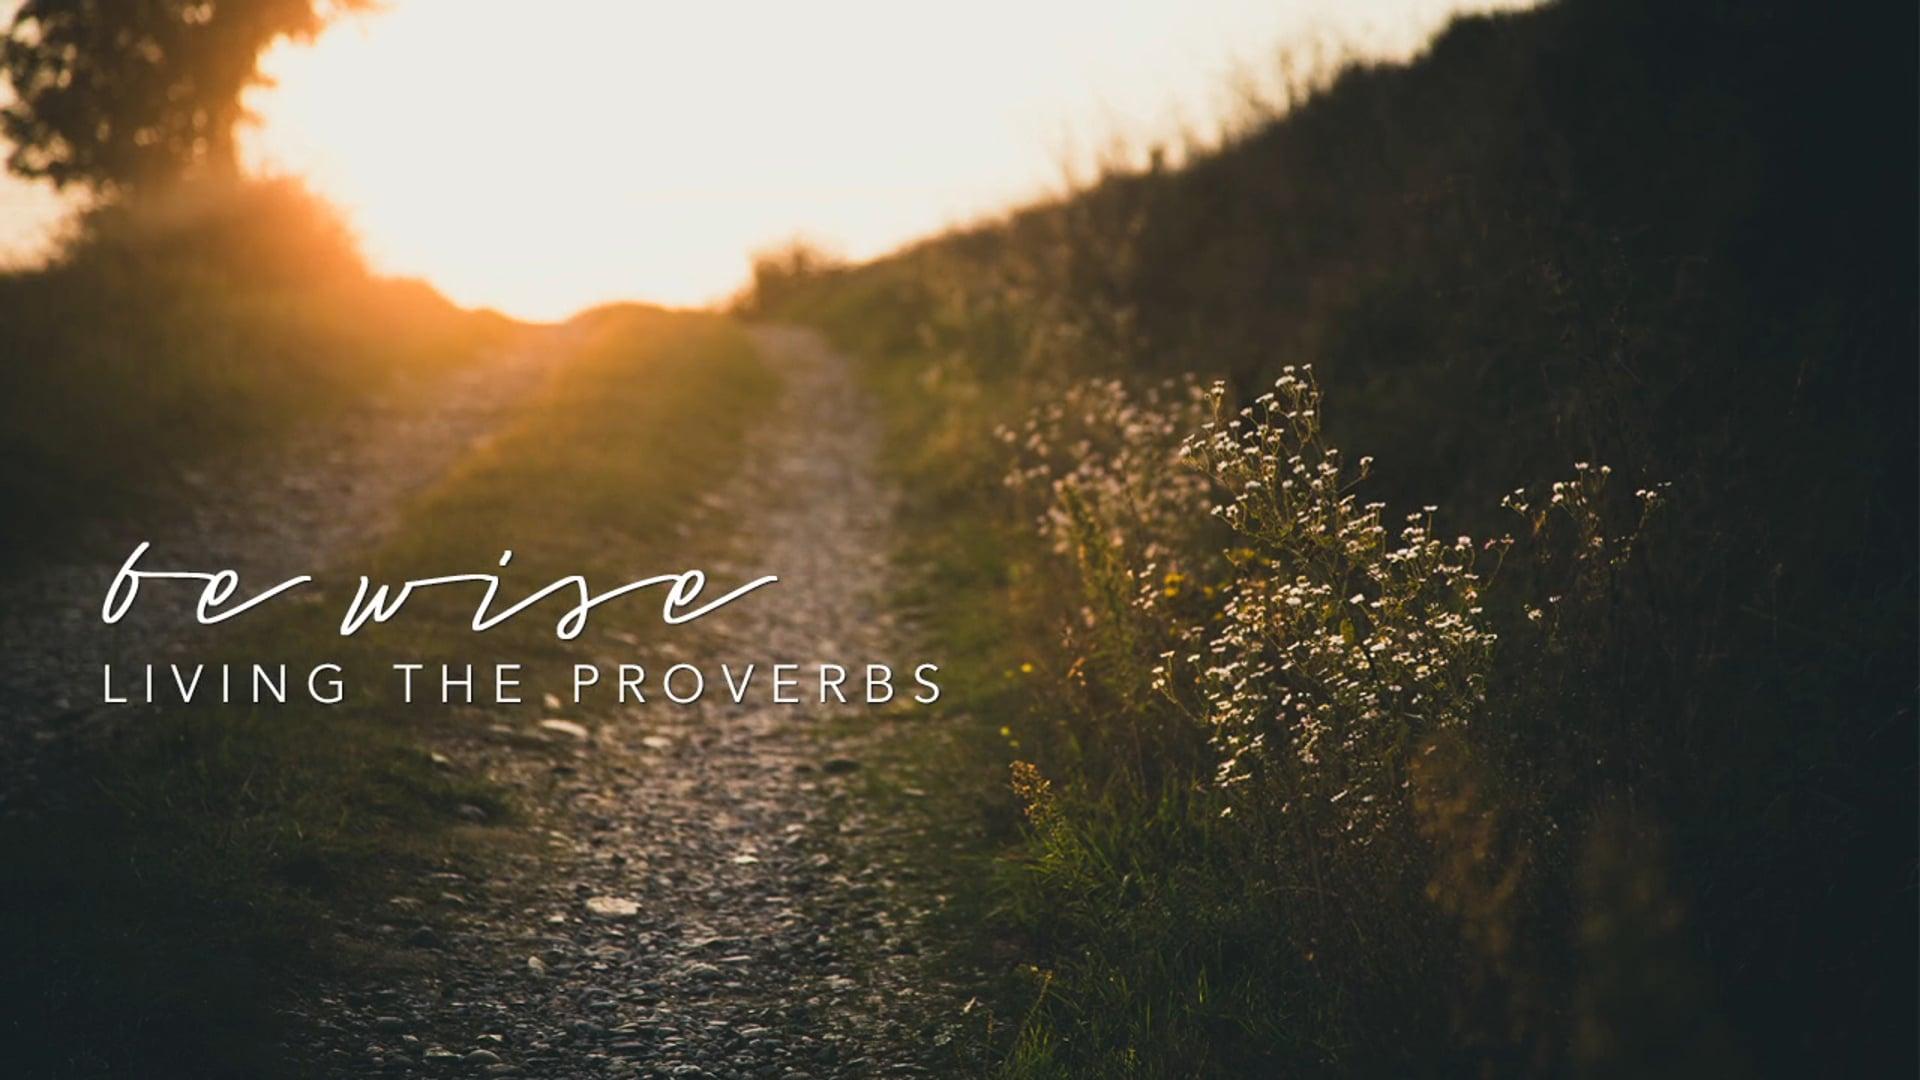 Week 2: Discernment